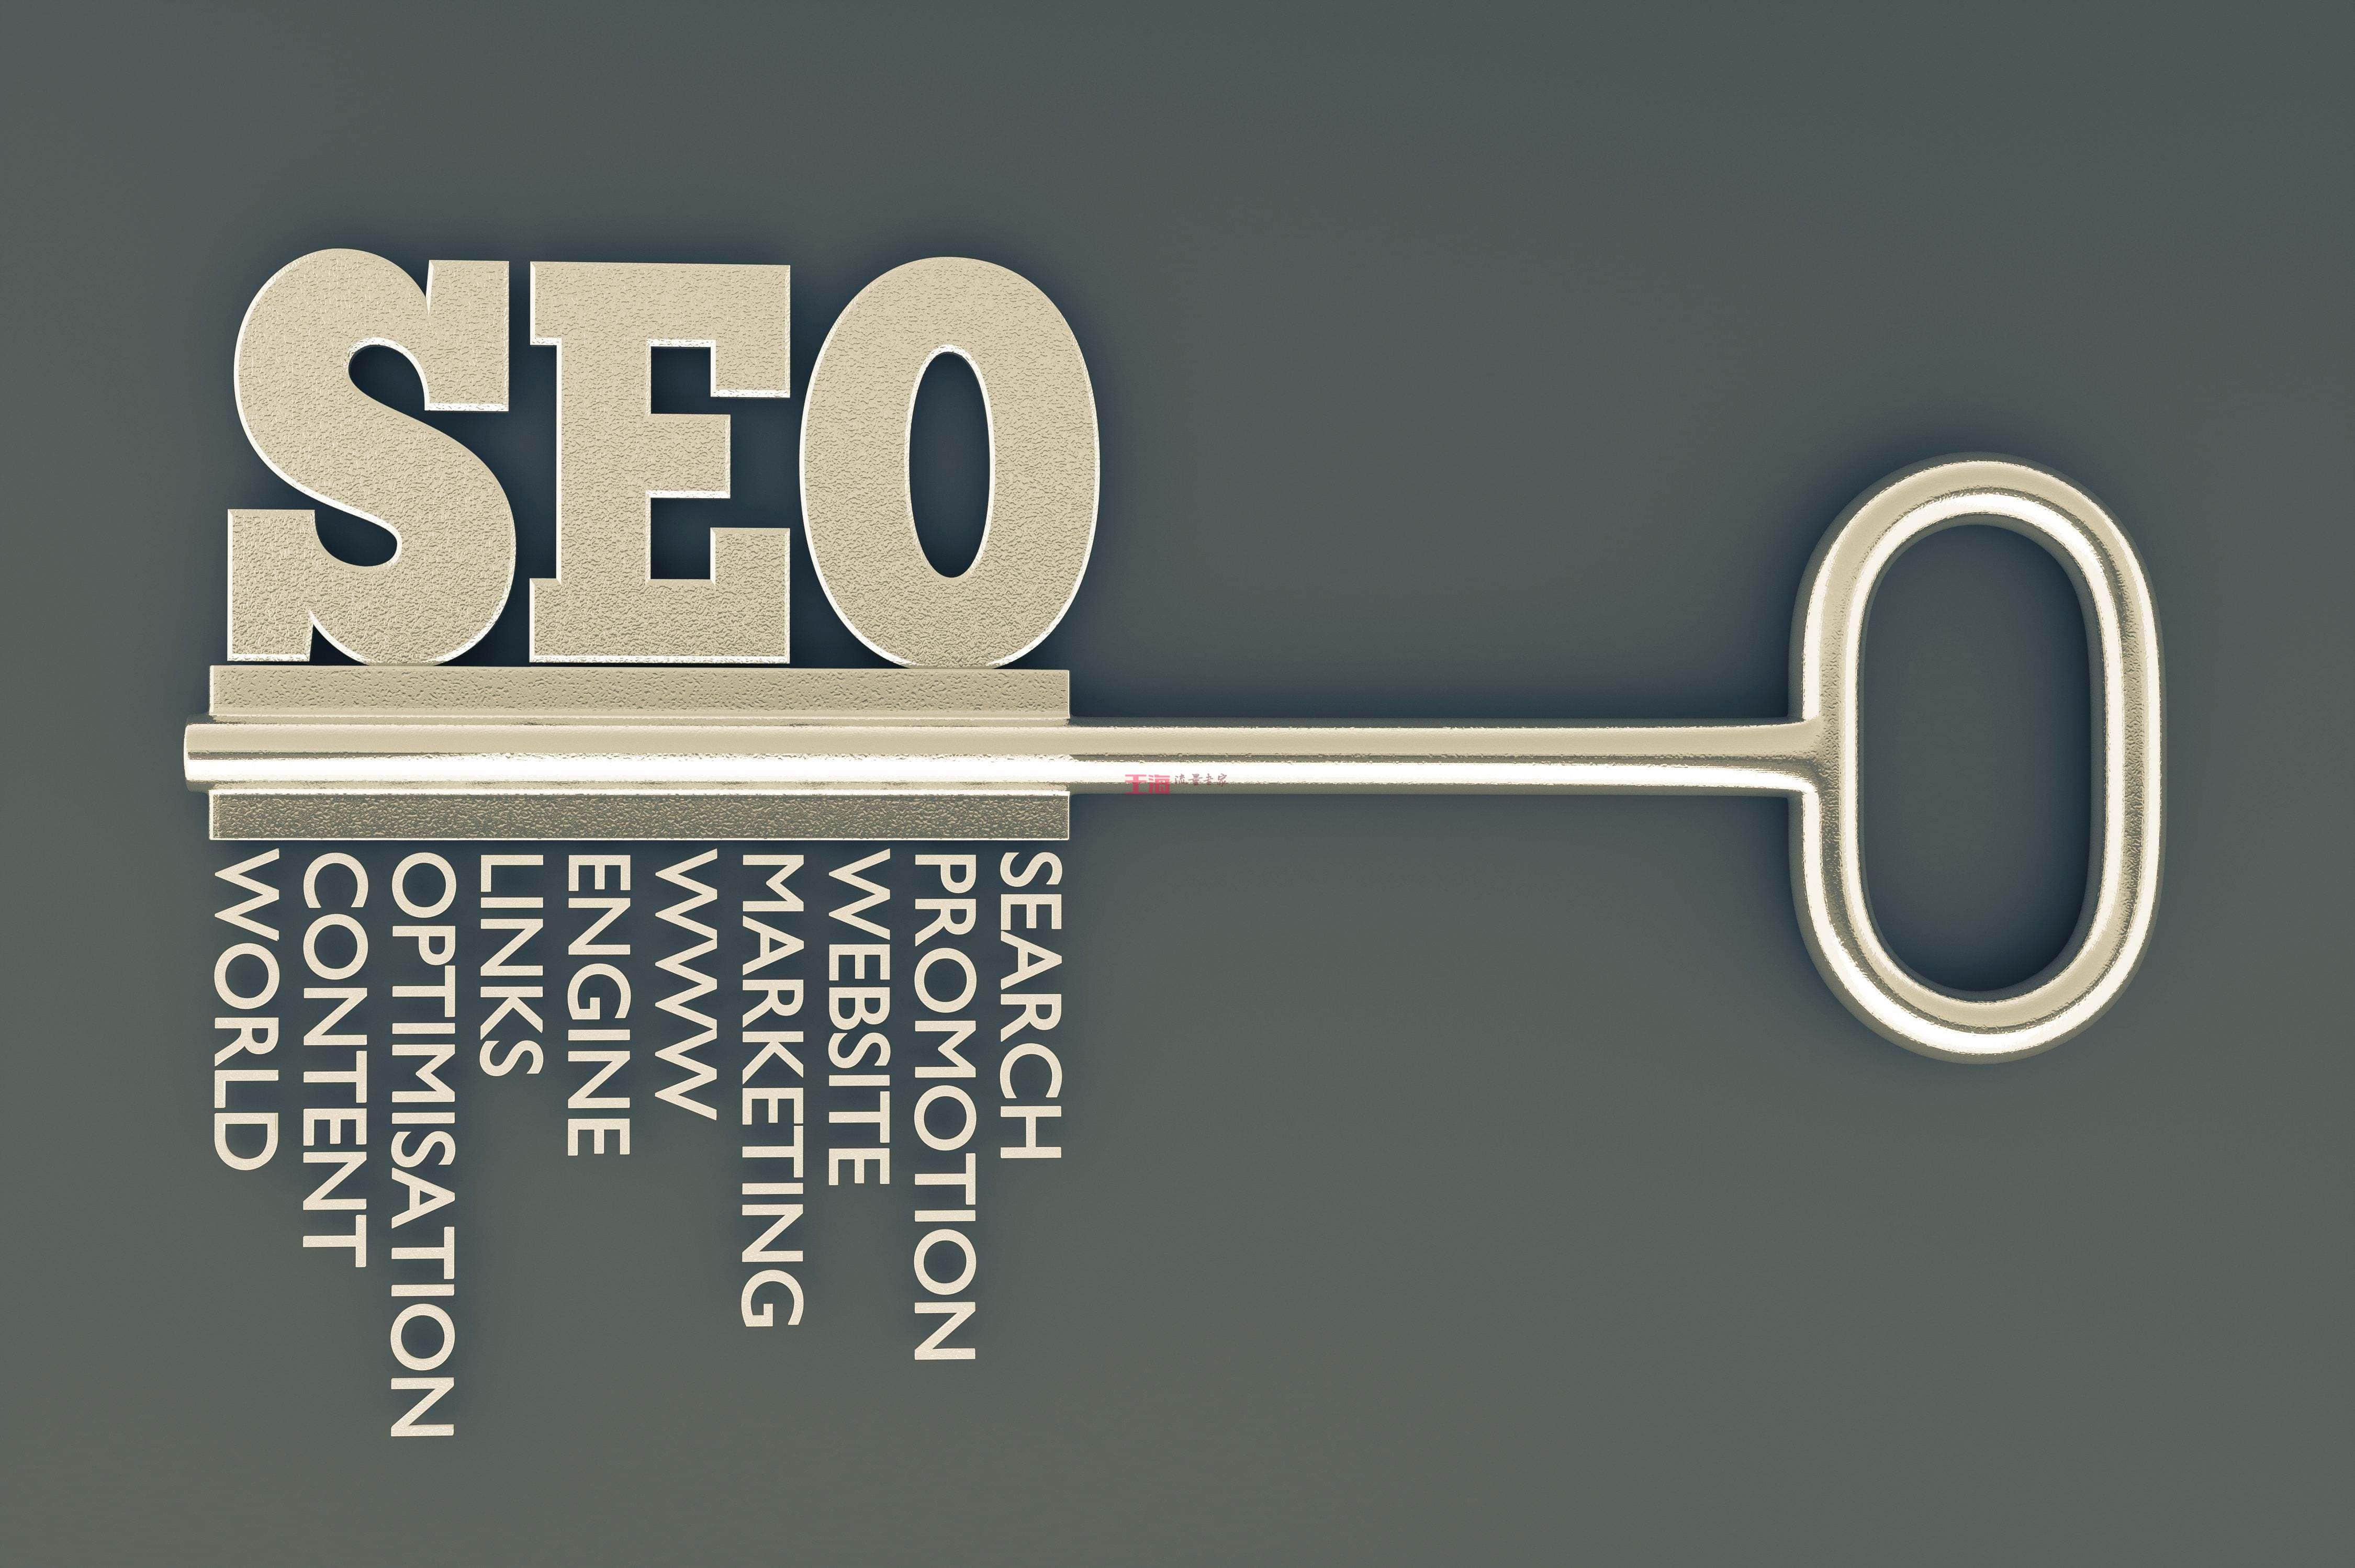 博客已定位:关注新媒体生态的自媒体站长